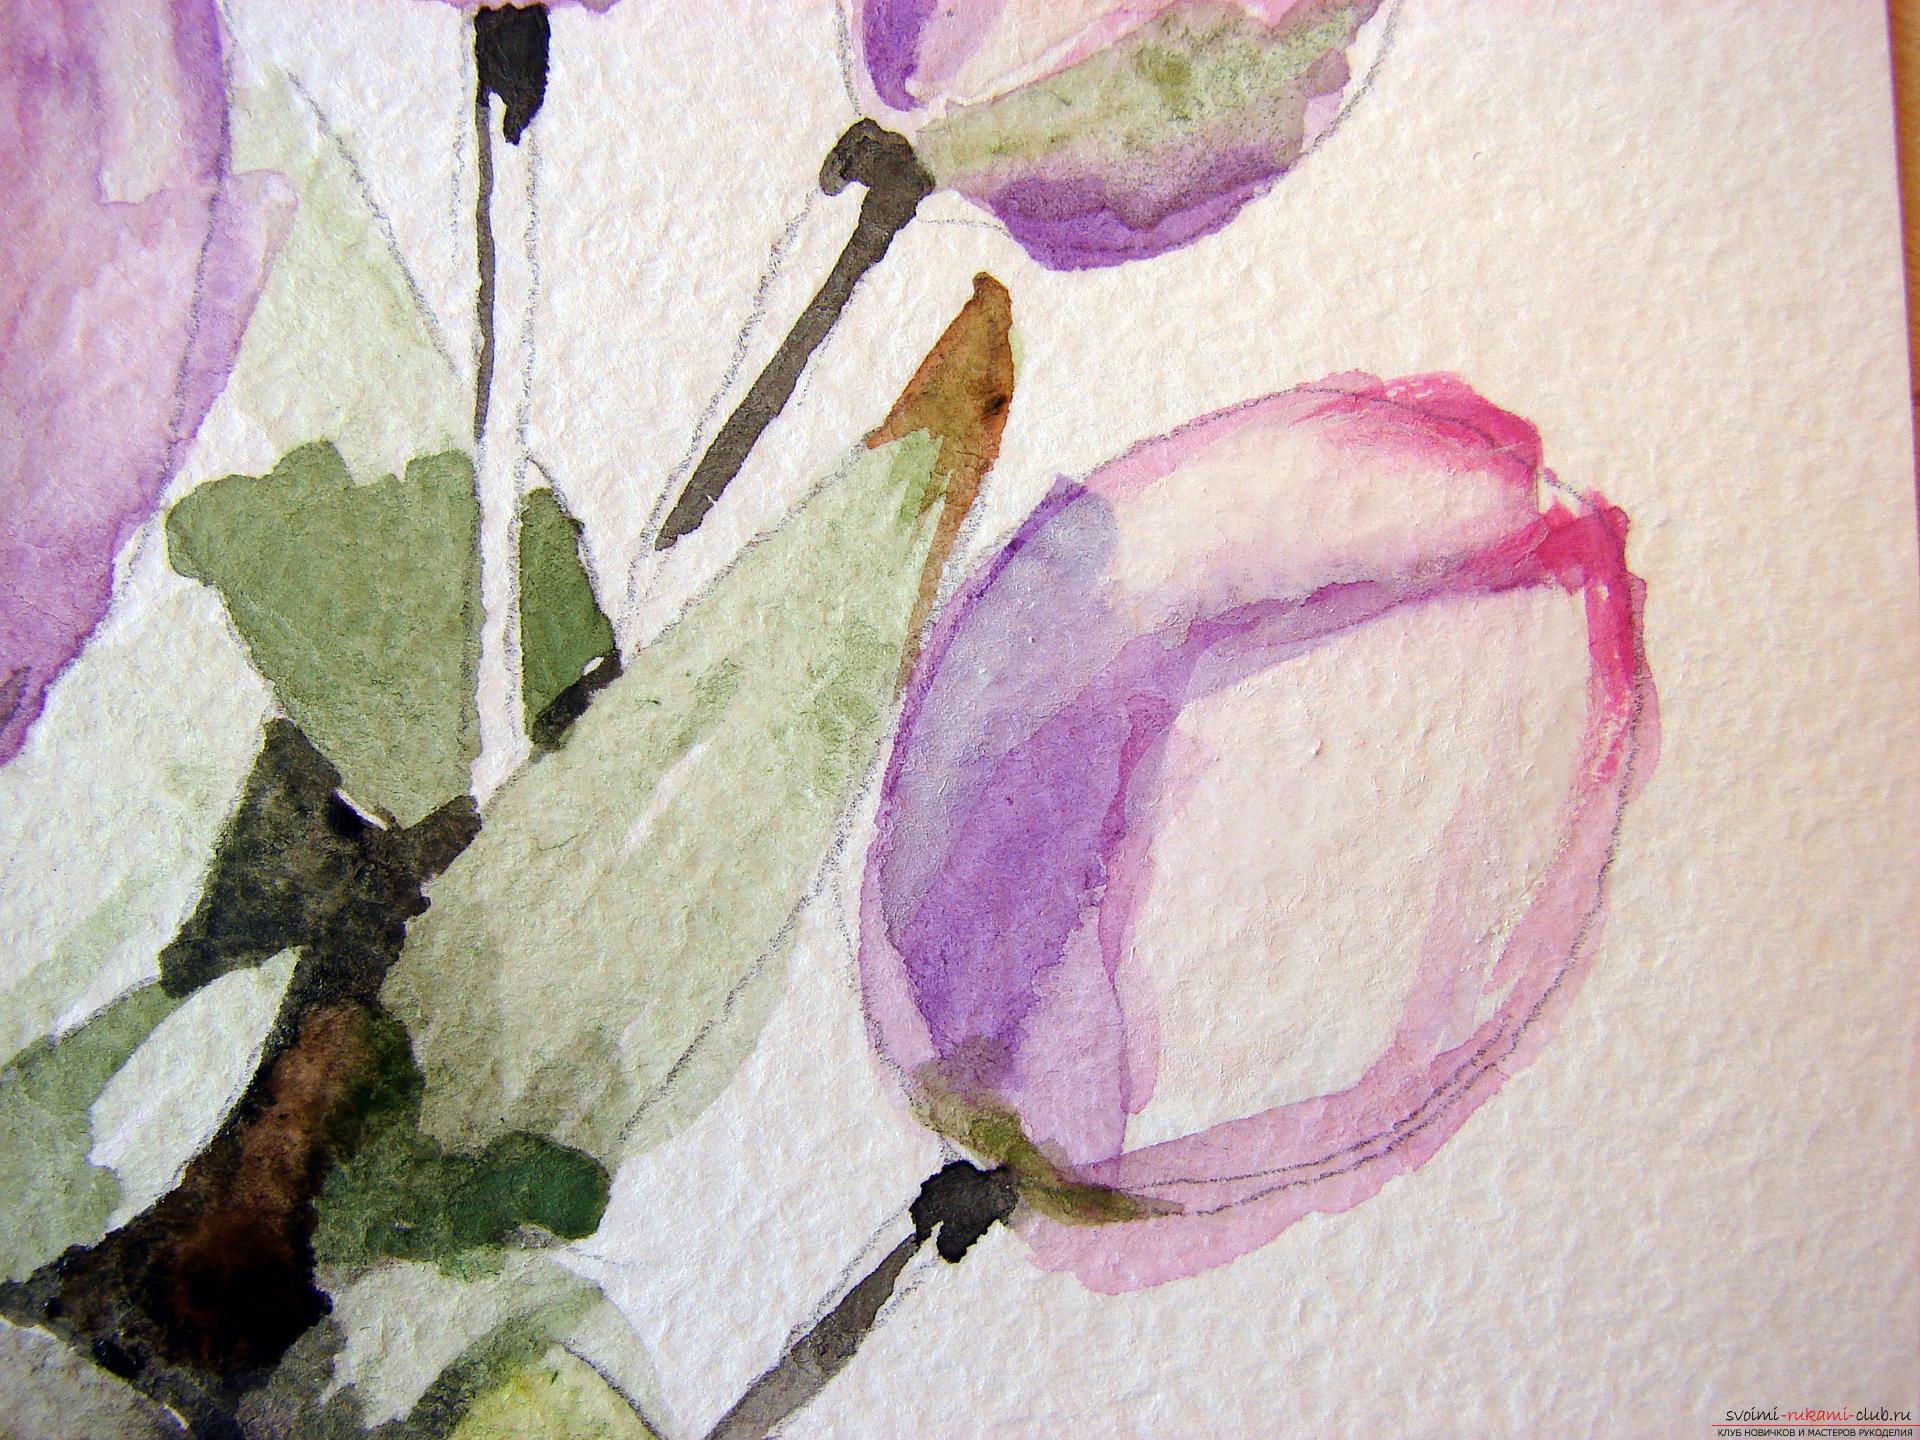 Мастер-класс по рисованию с фото научит как нарисовать цветы, подробно описав как рисуются тюльпаны поэтапно.. Фото №12